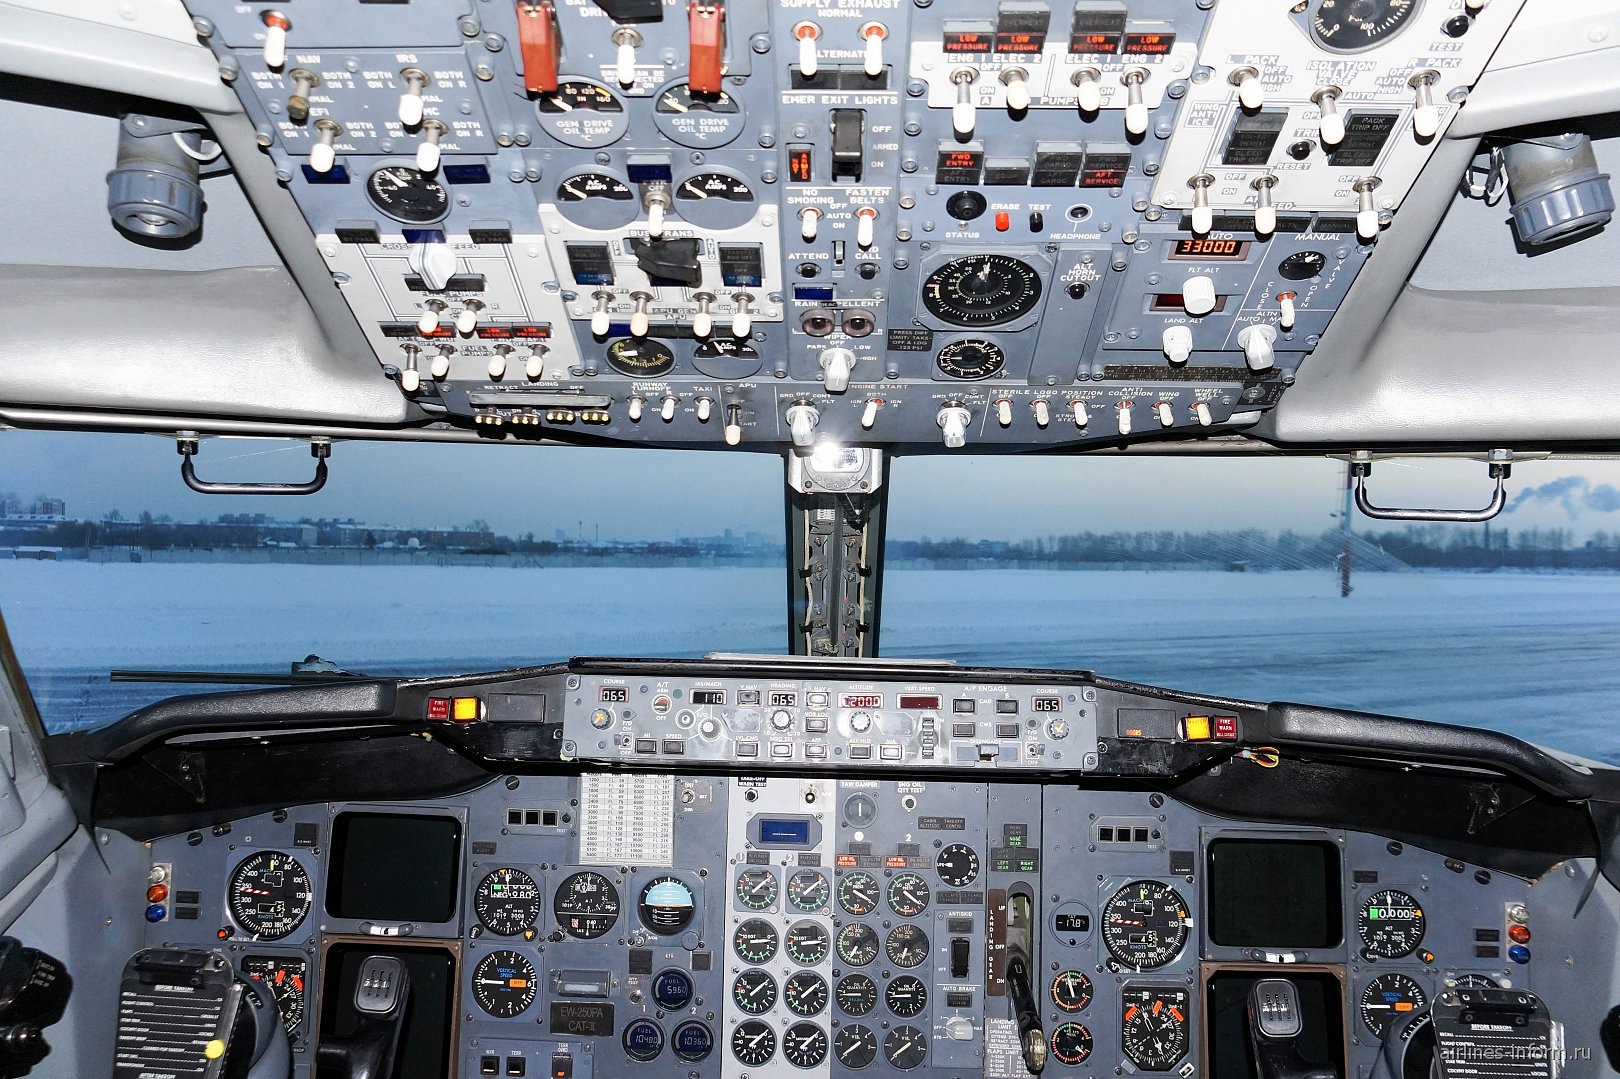 Кабина пилотов в самолете Боинг-737-500